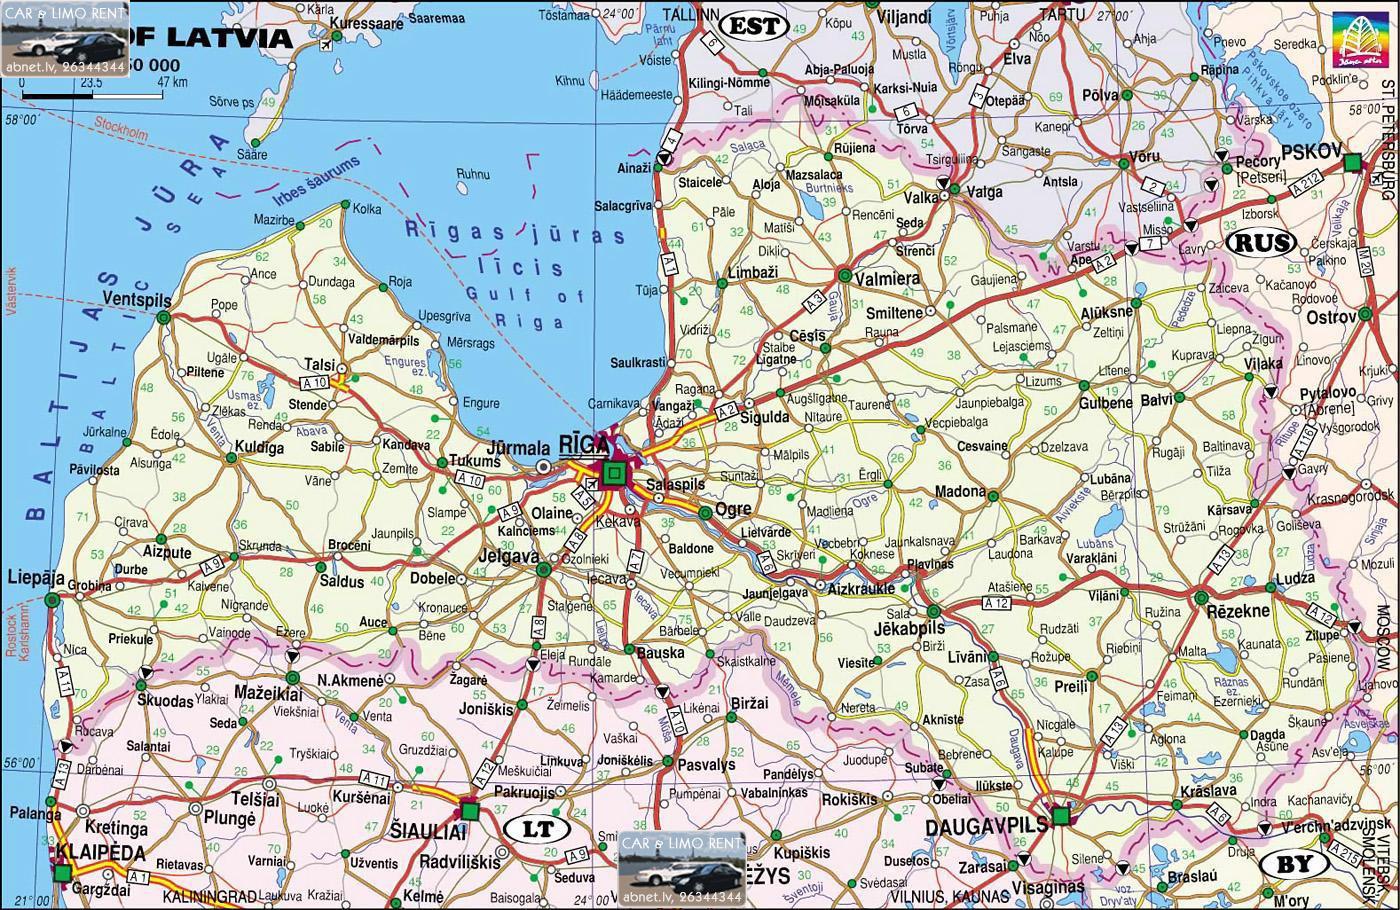 Mapa de Estradas da Letónia 2